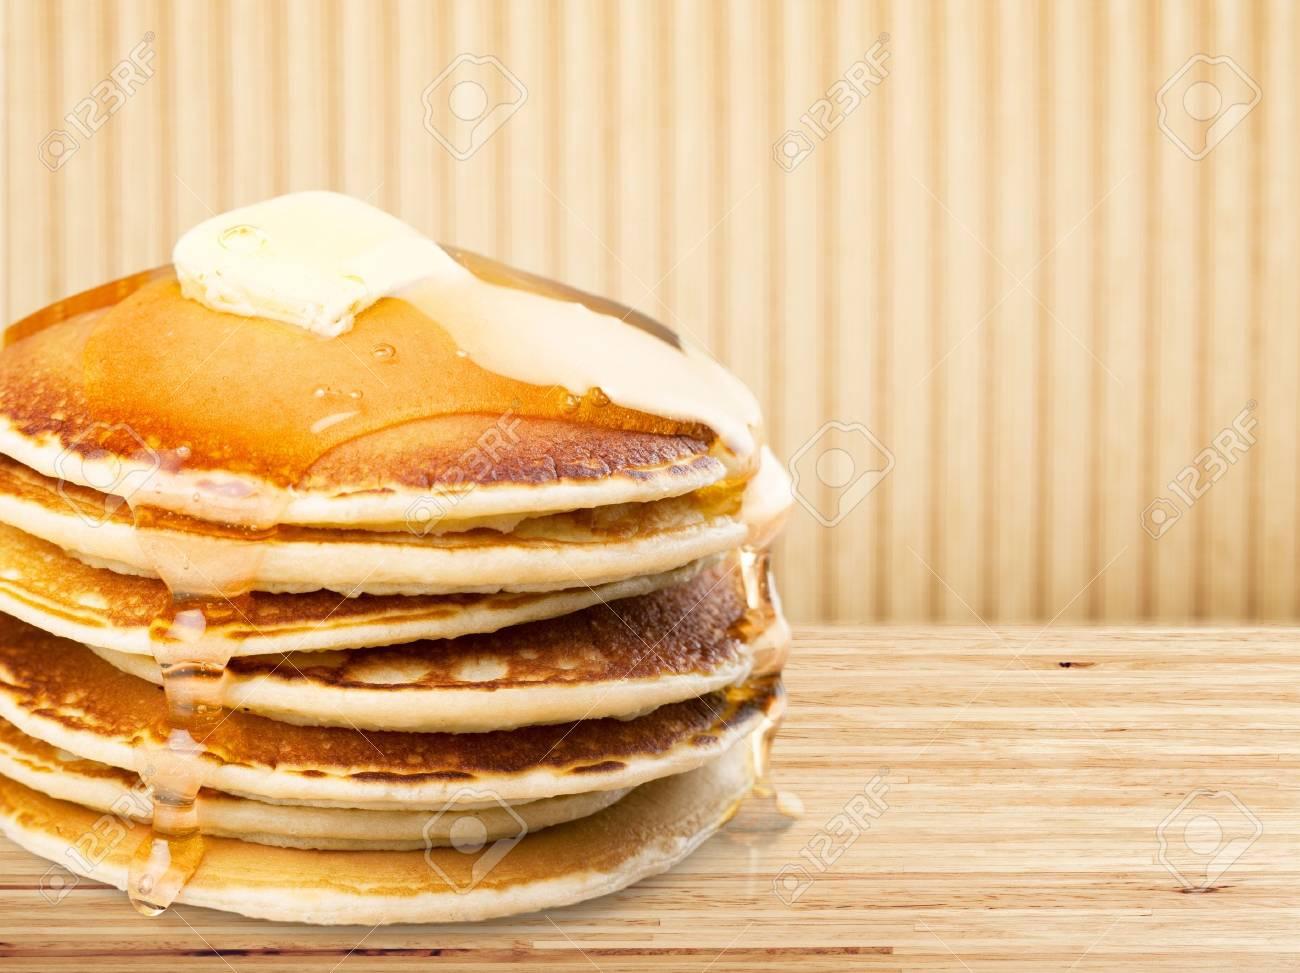 Pancake. Banque d'images - 54025130